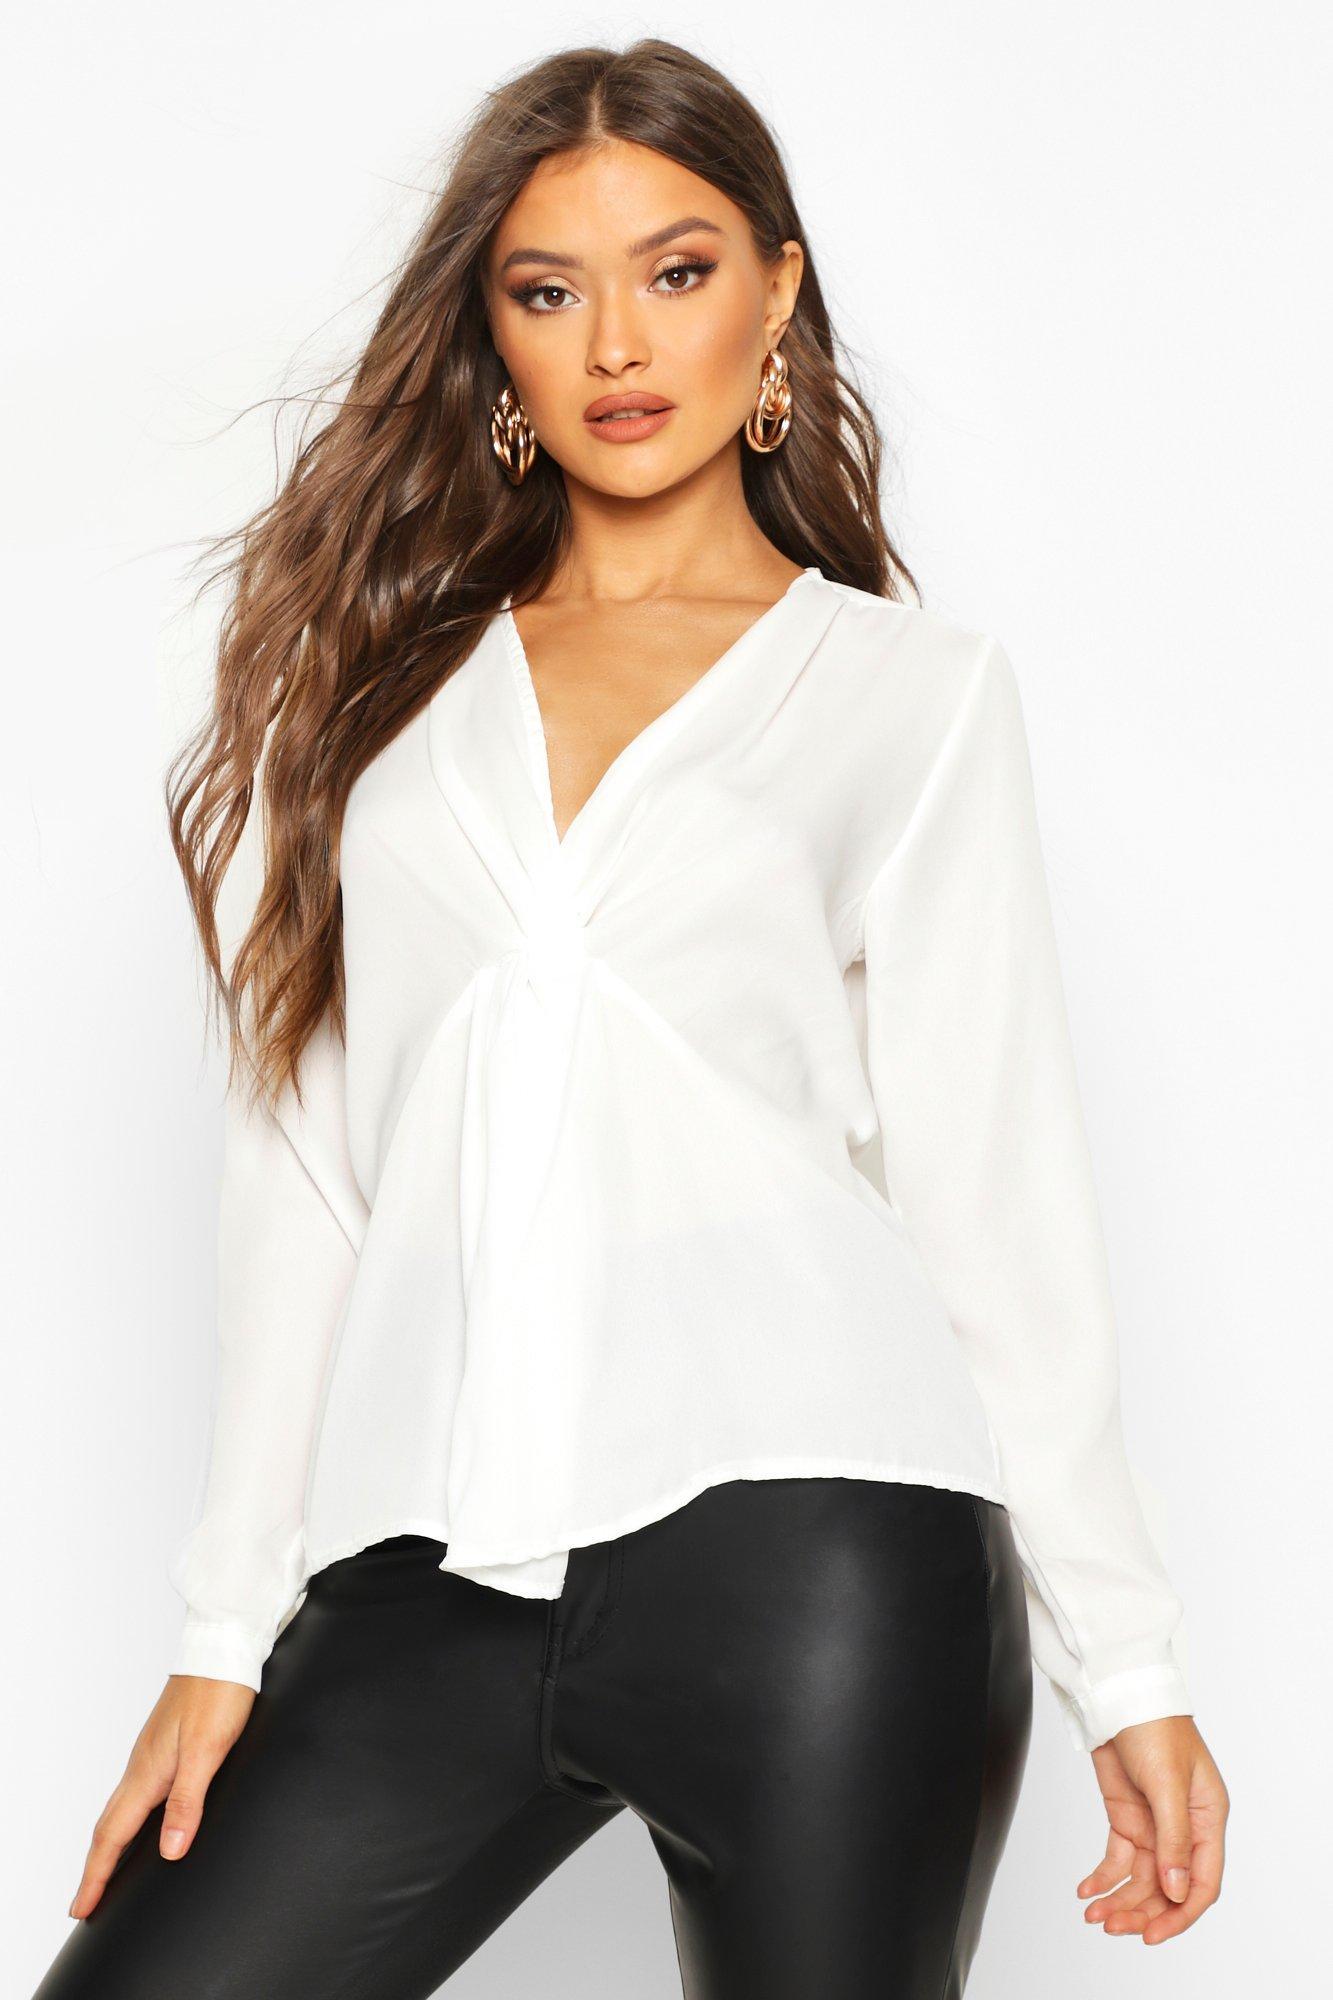 Womens Bluse mit Zierknoten - Weiß - 40, Weiß - Boohoo.com